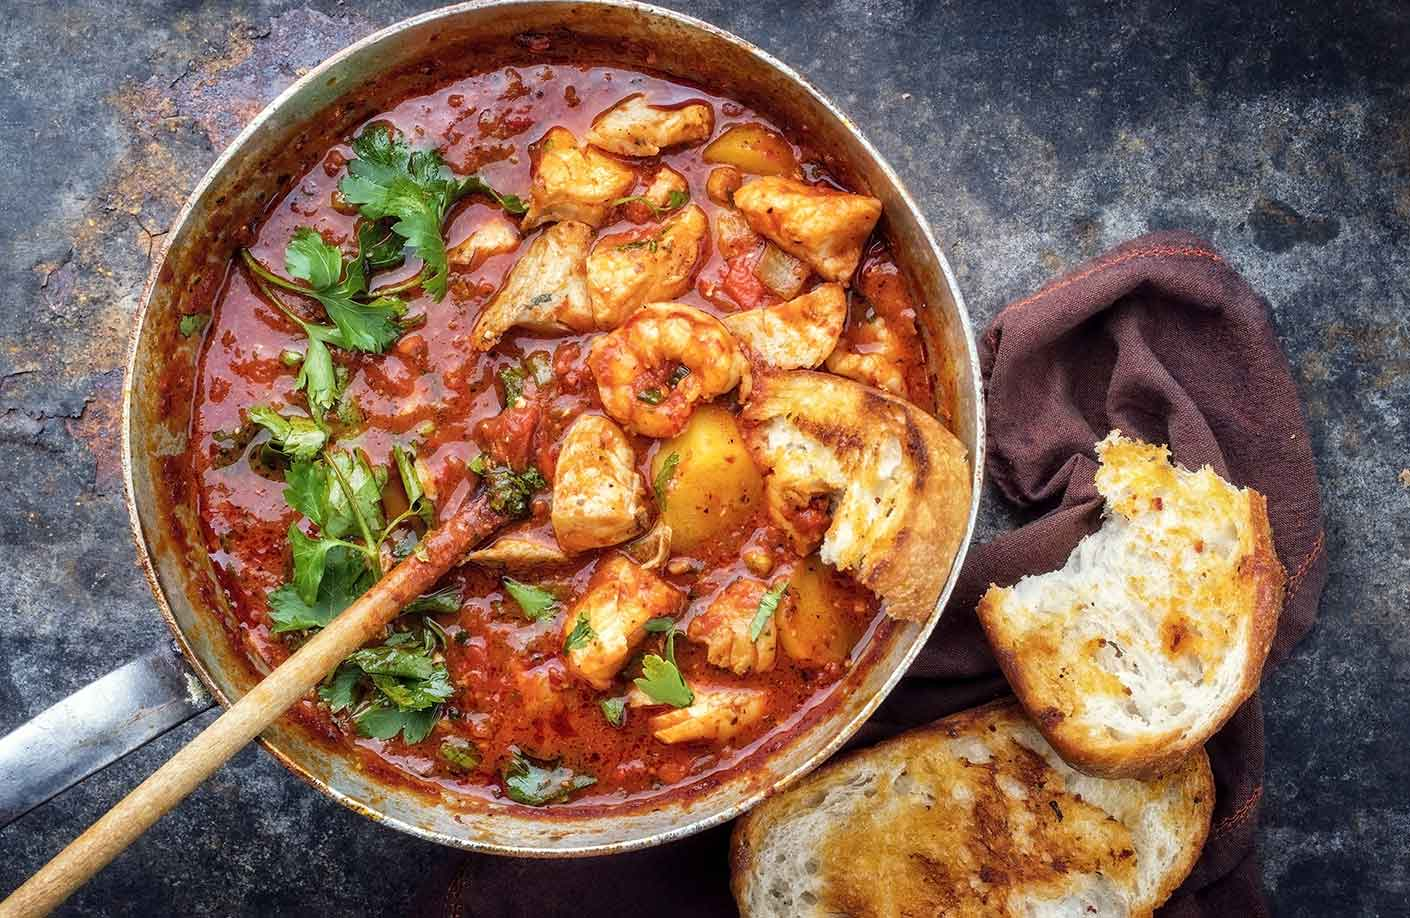 New Orleans Cajun Seafood Gumbo via @mermaidsandmojitos